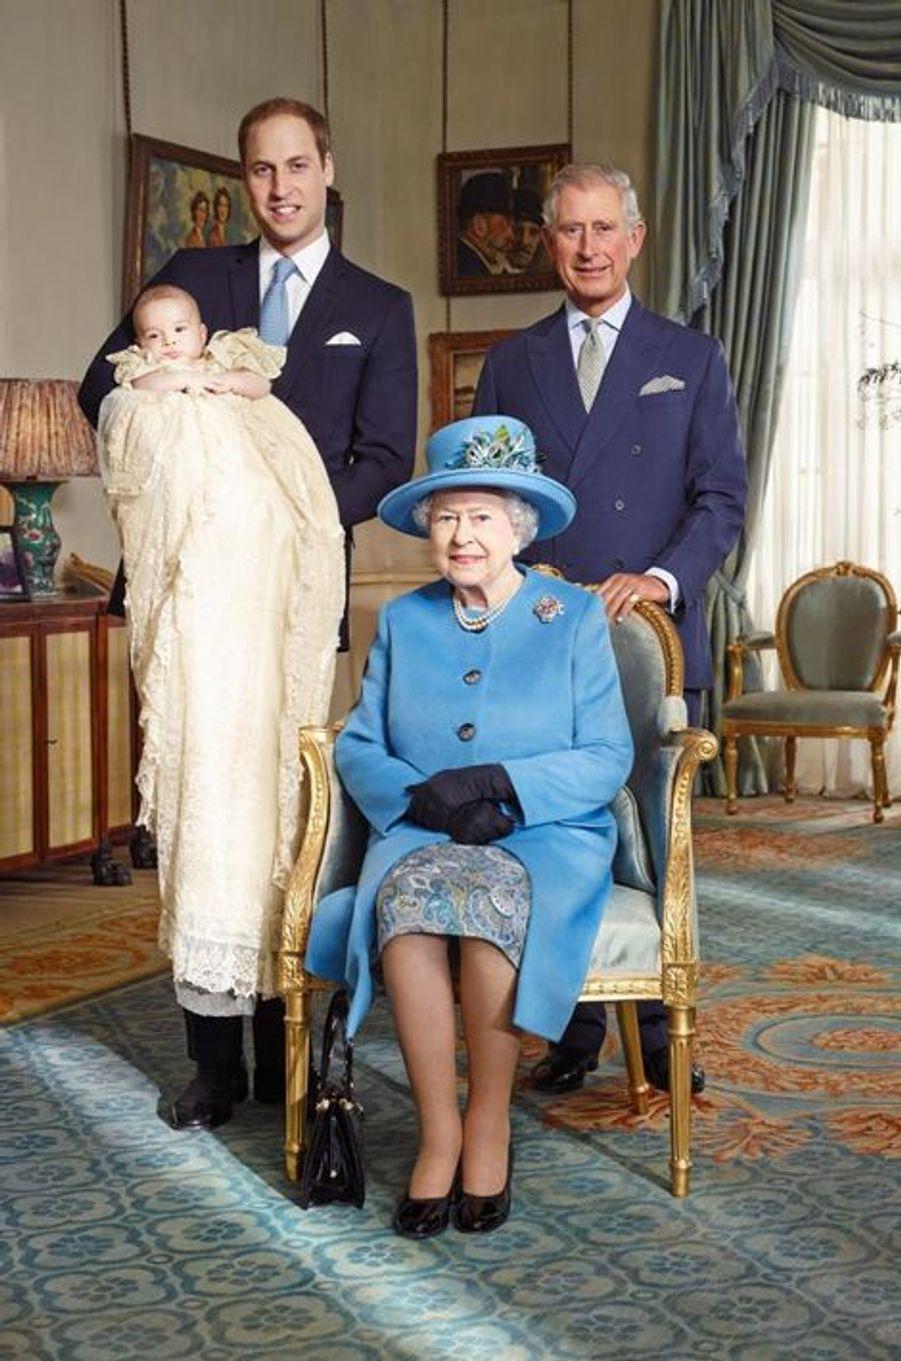 Le prince George dans les bras de son père William, aux côtés de son grand-père Charles et de son arrière-grand-mère Elizabeth.